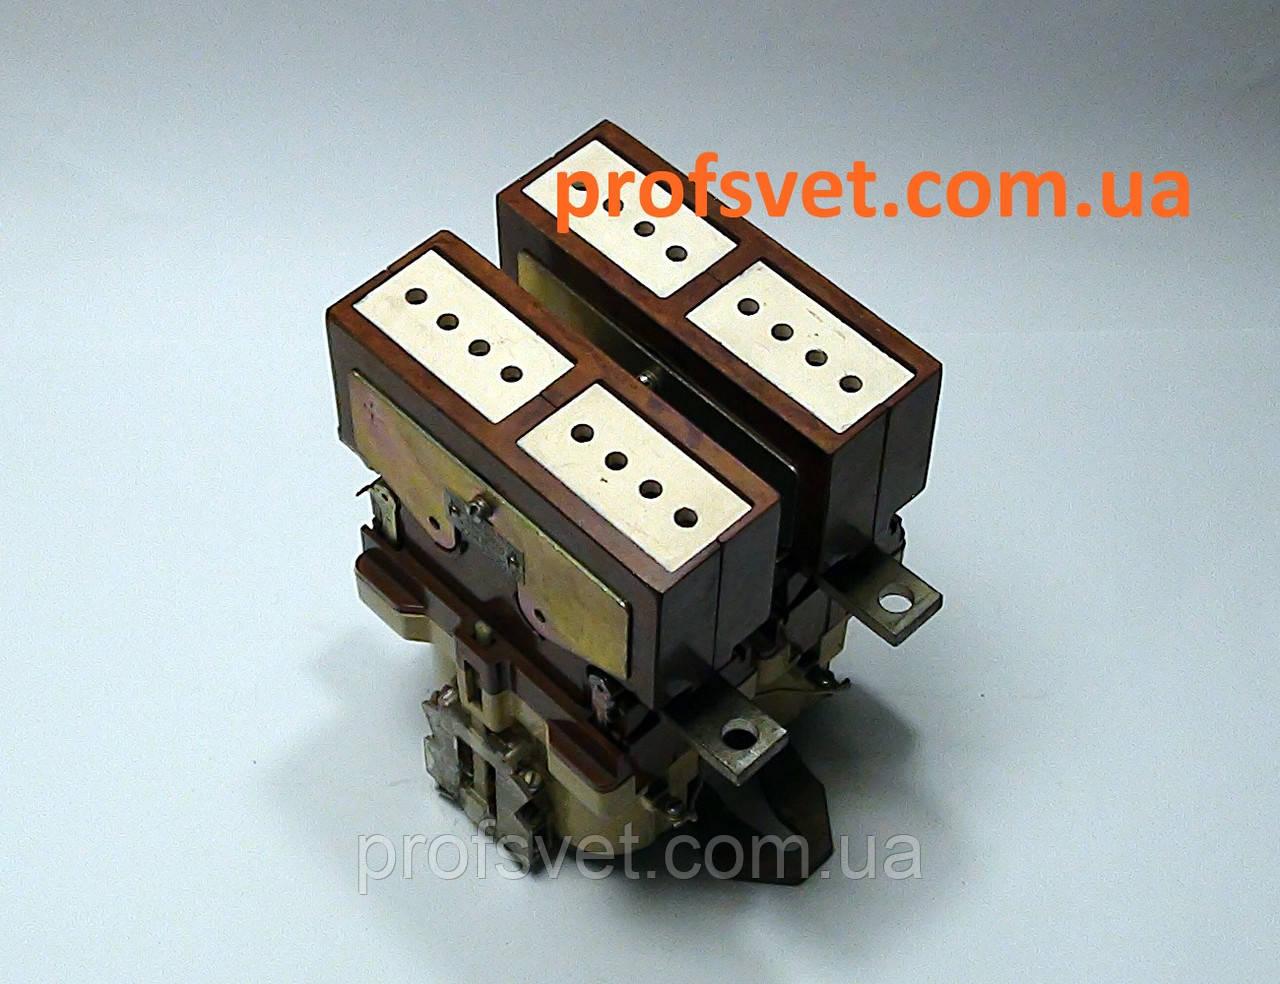 Контактор МК-5-20 250А 220в катушки на 110в